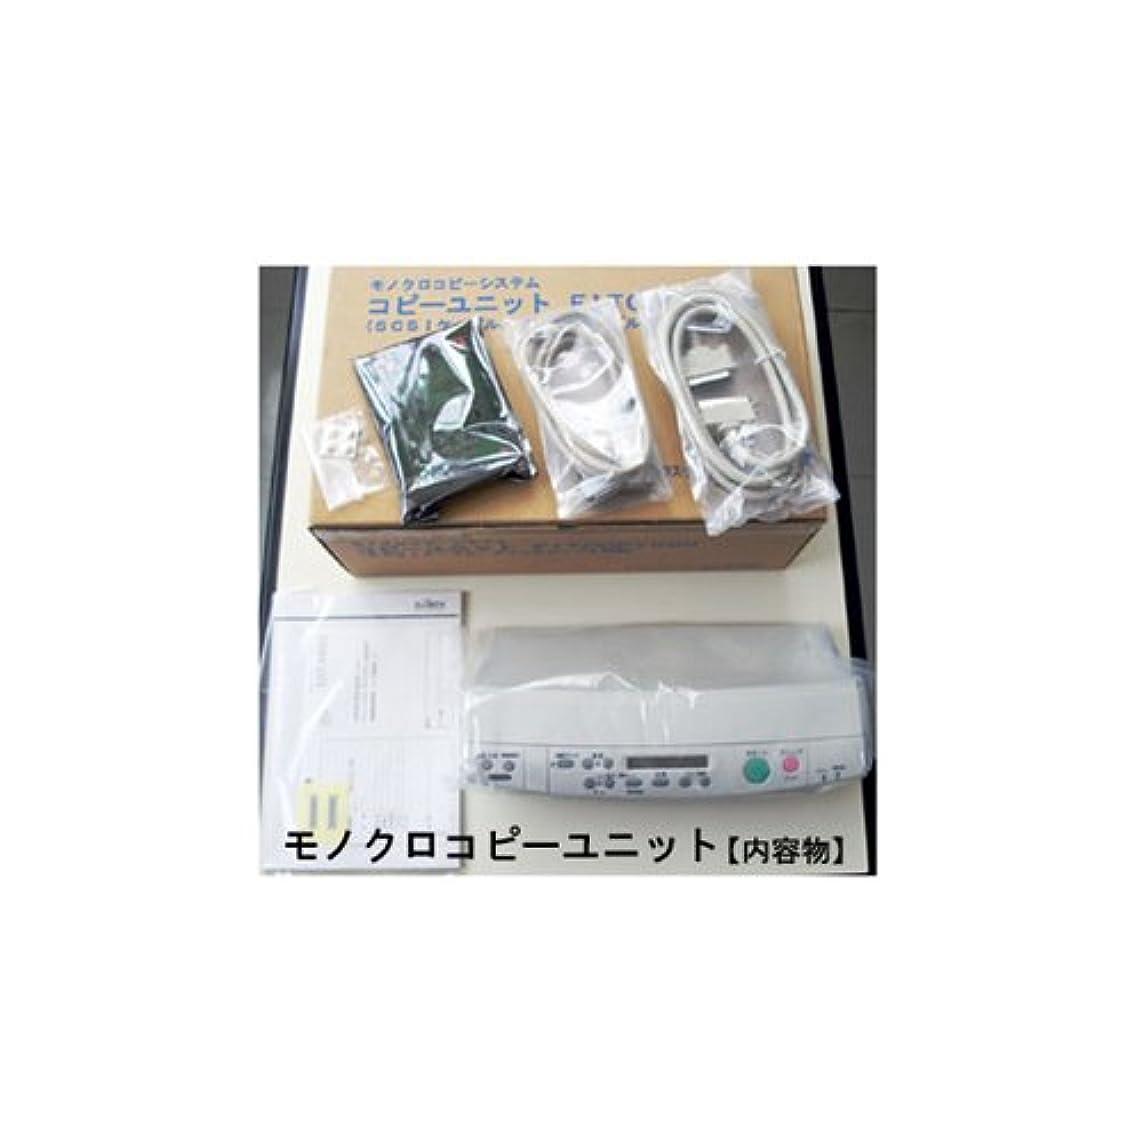 農夫慎重に本物のエプソン EPSON LP-8700、LP-8100用 A3コピーユニット(FITCOPY300)